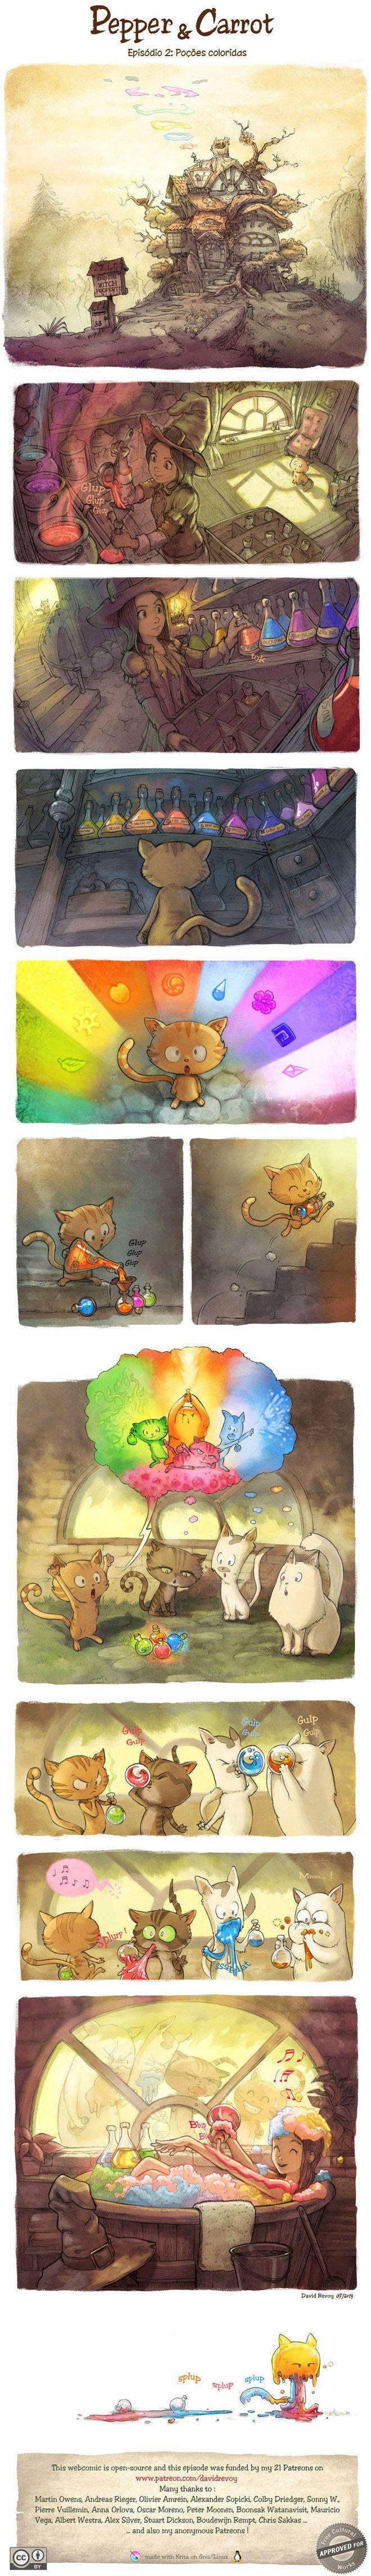 """Pepper & Carrot é a história de """"Pepper"""", uma jovem bruxa, e """"Carrot"""", seu gato de estimação. Os dois vivem em mundo de fantasia de poções, criaturas"""